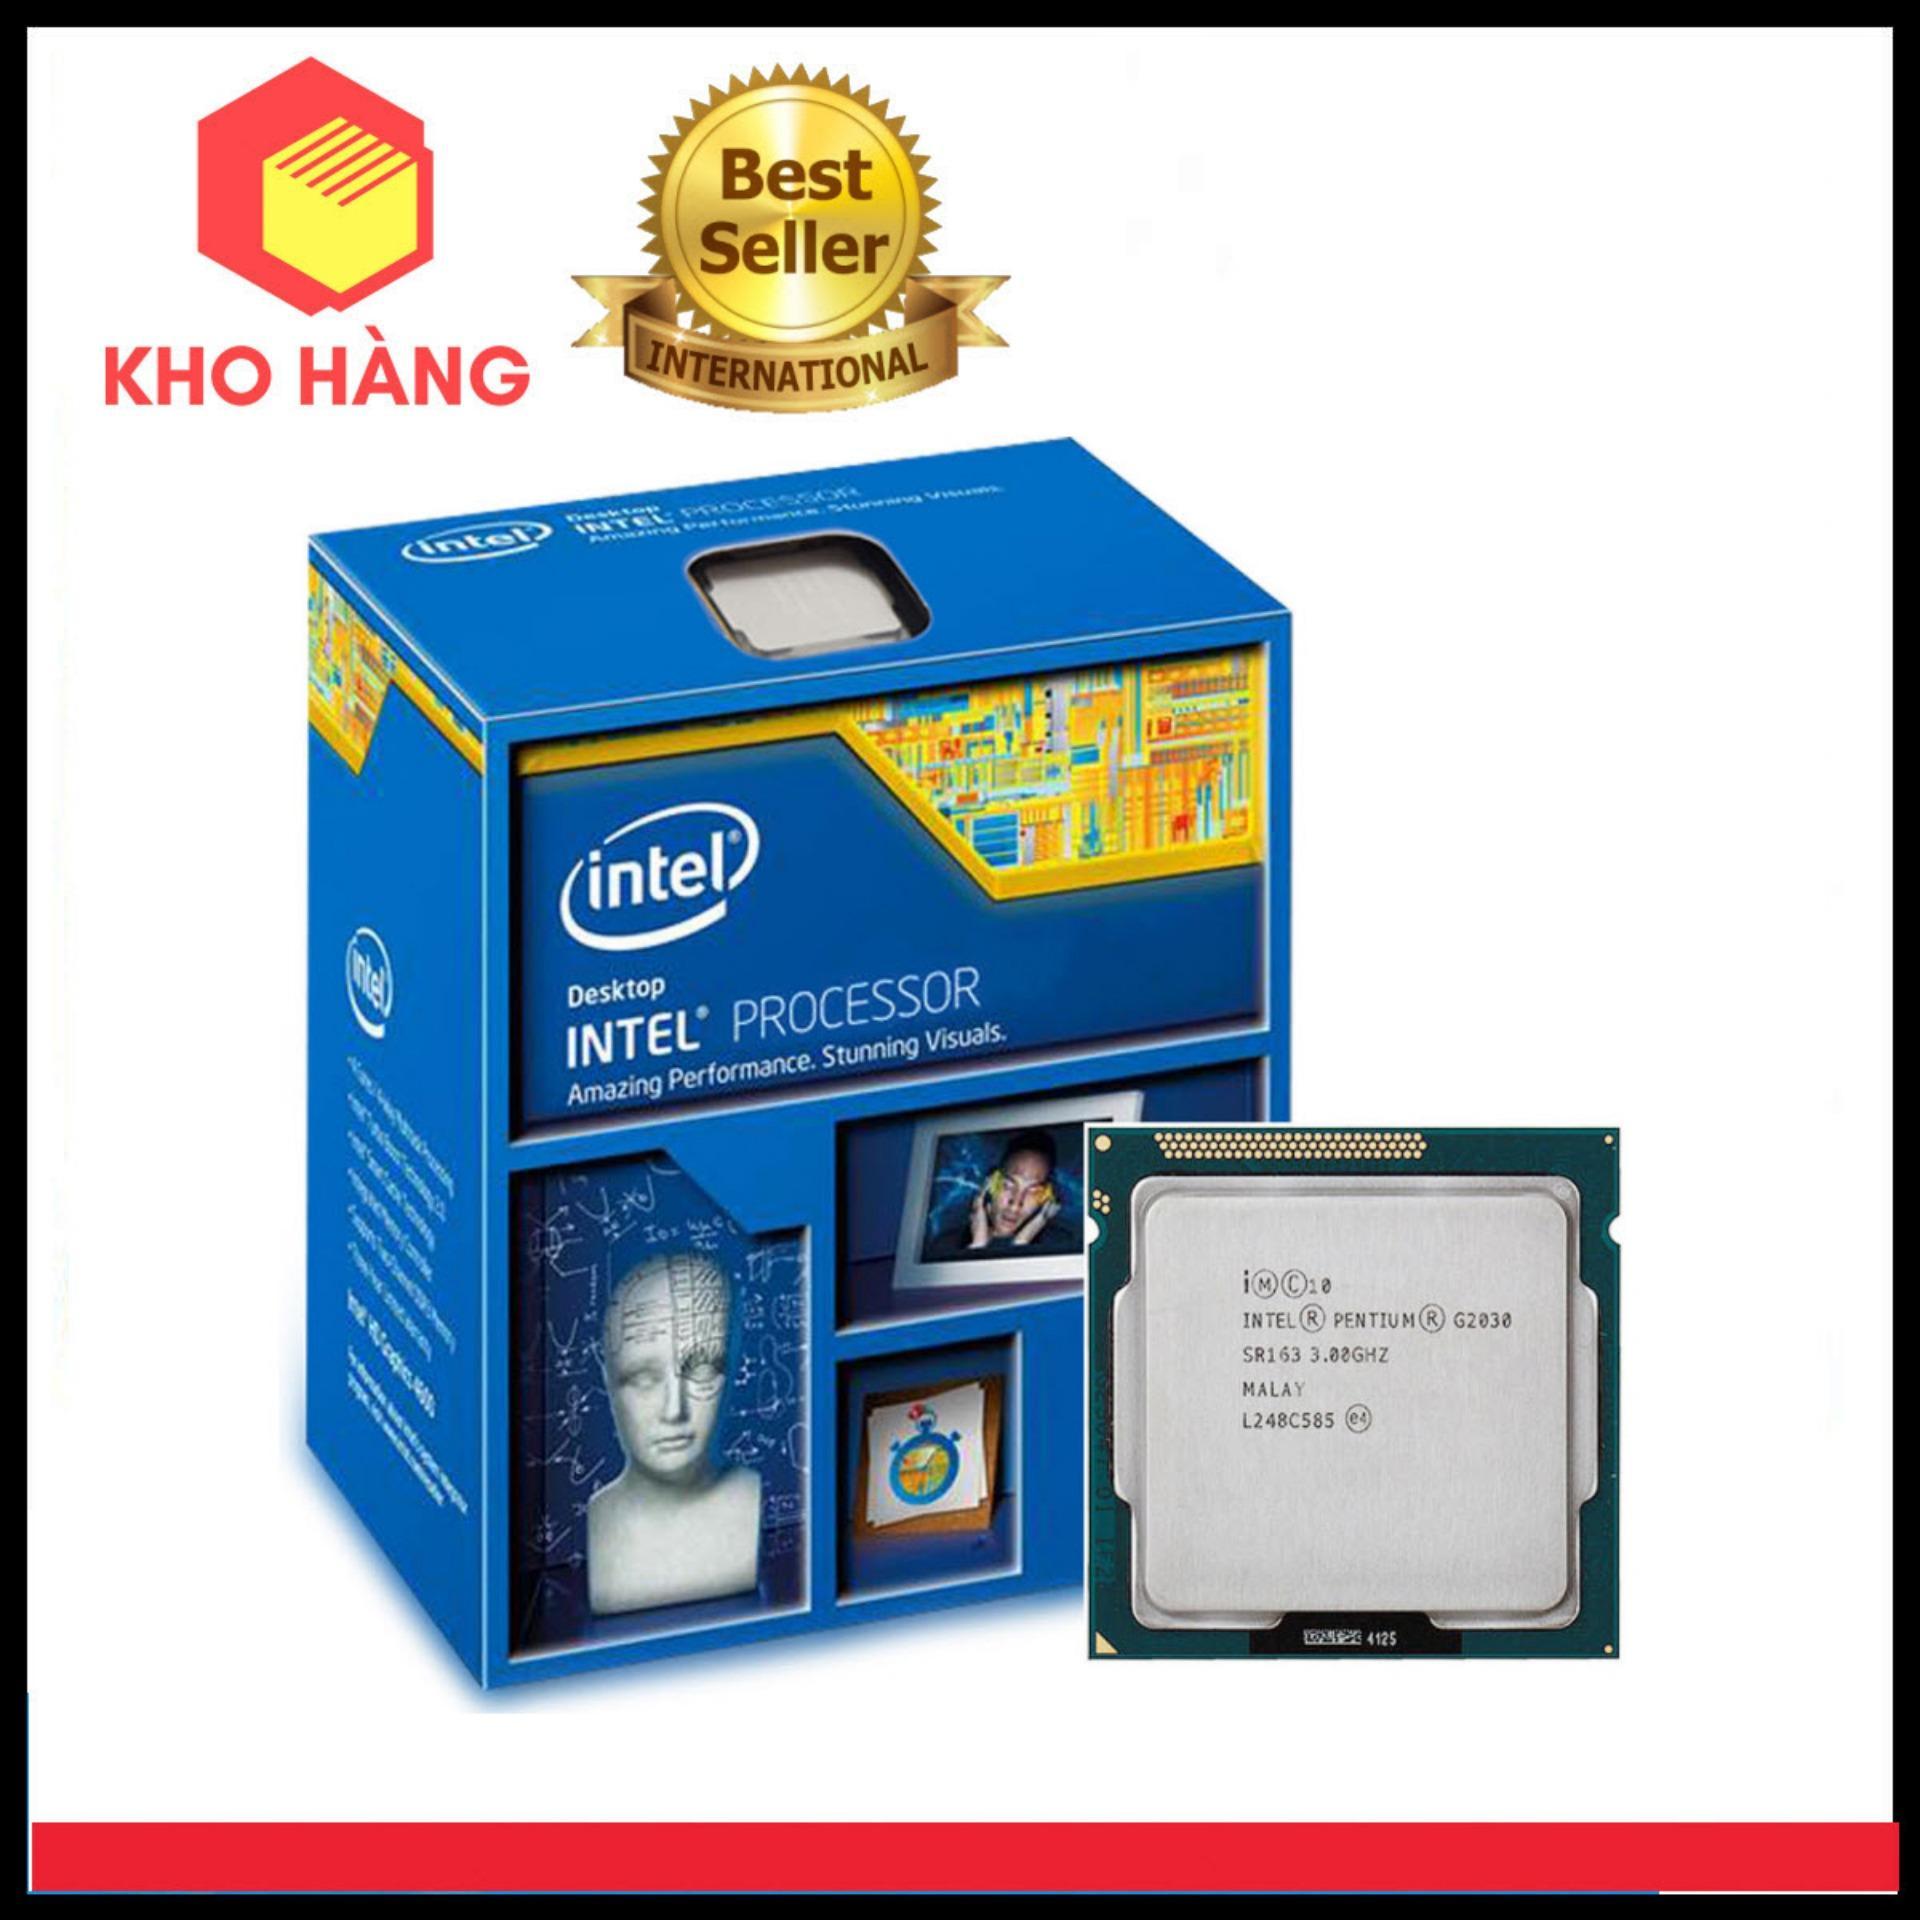 Chip Xử Lý Intel Pentium G620 (2 lõi- 2 luồng) Chất Lượng Tốt- Hàng Nhập Khẩu